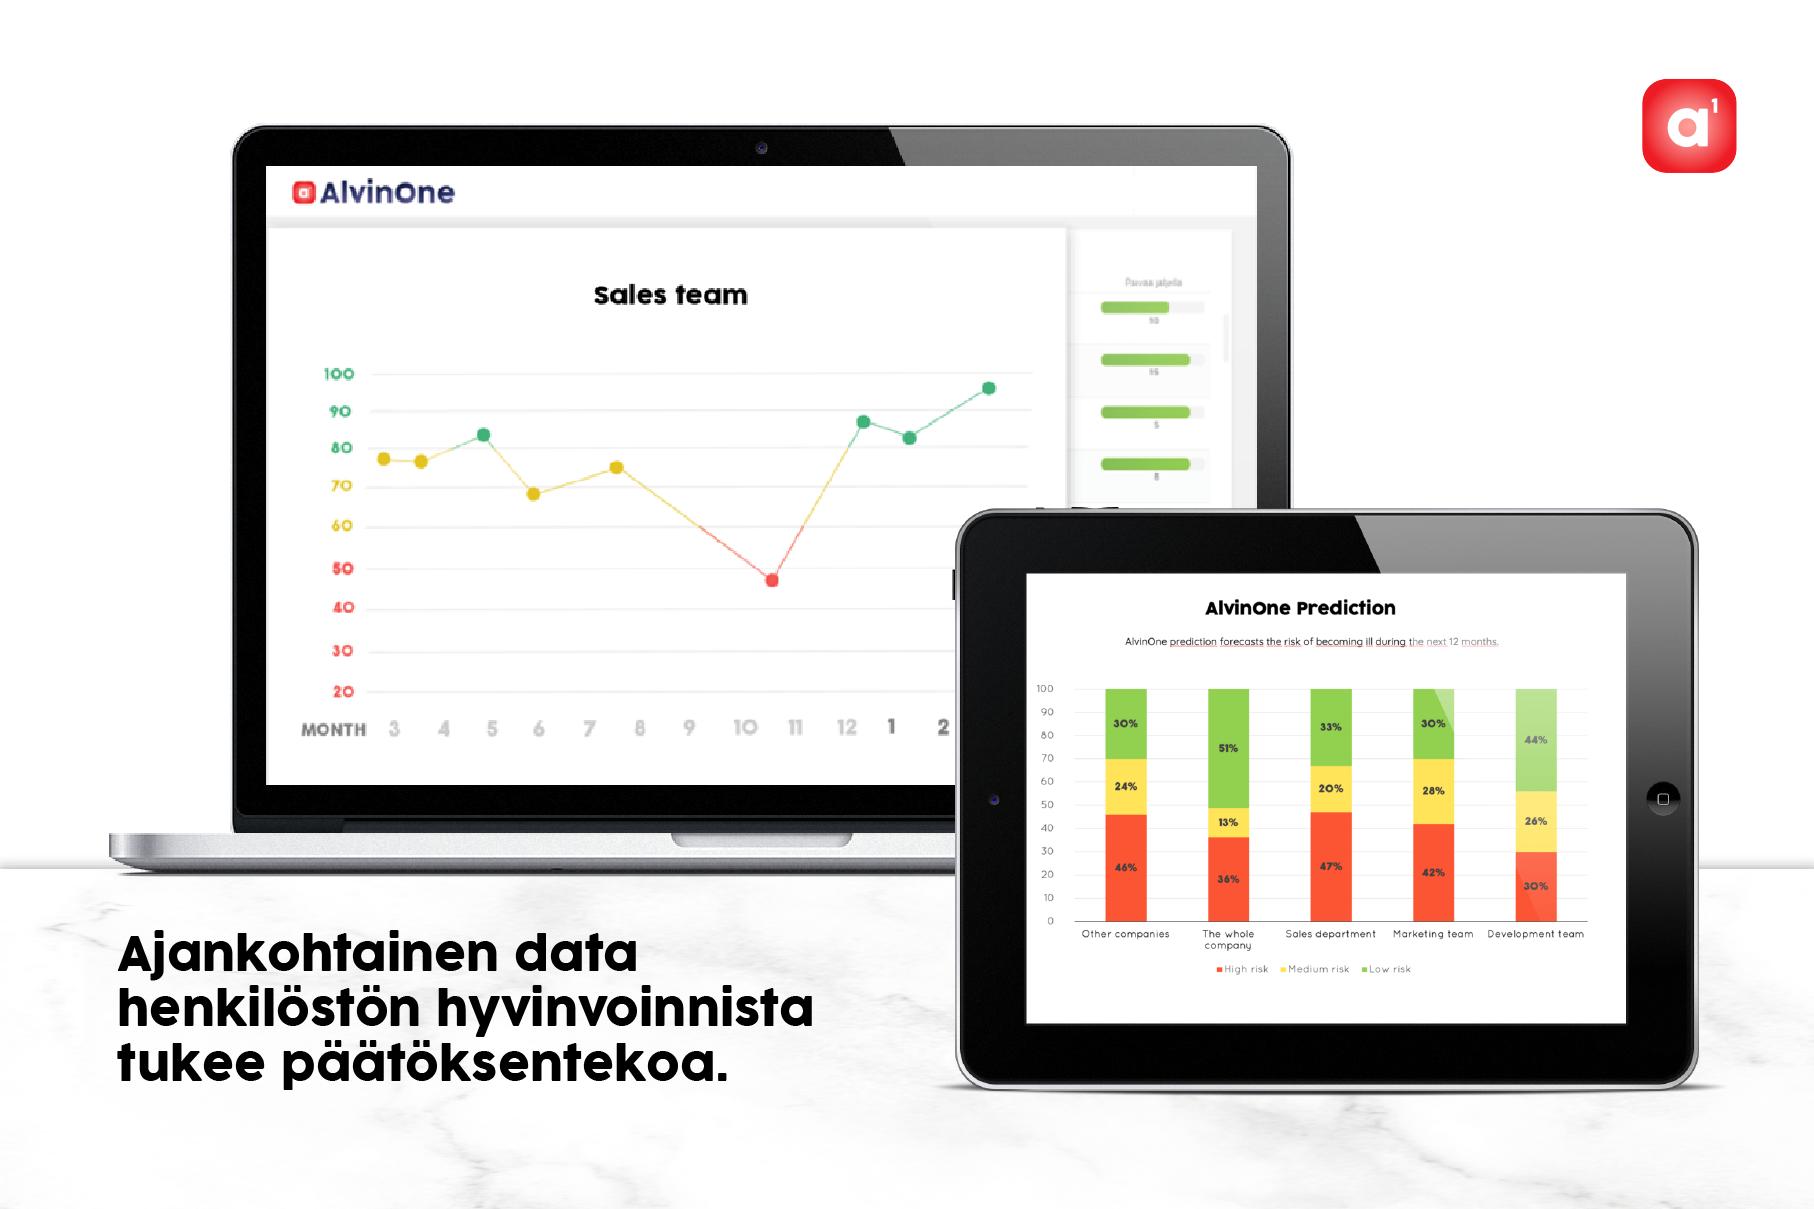 kuva, jossa applikaation statistiikasta kuvaa